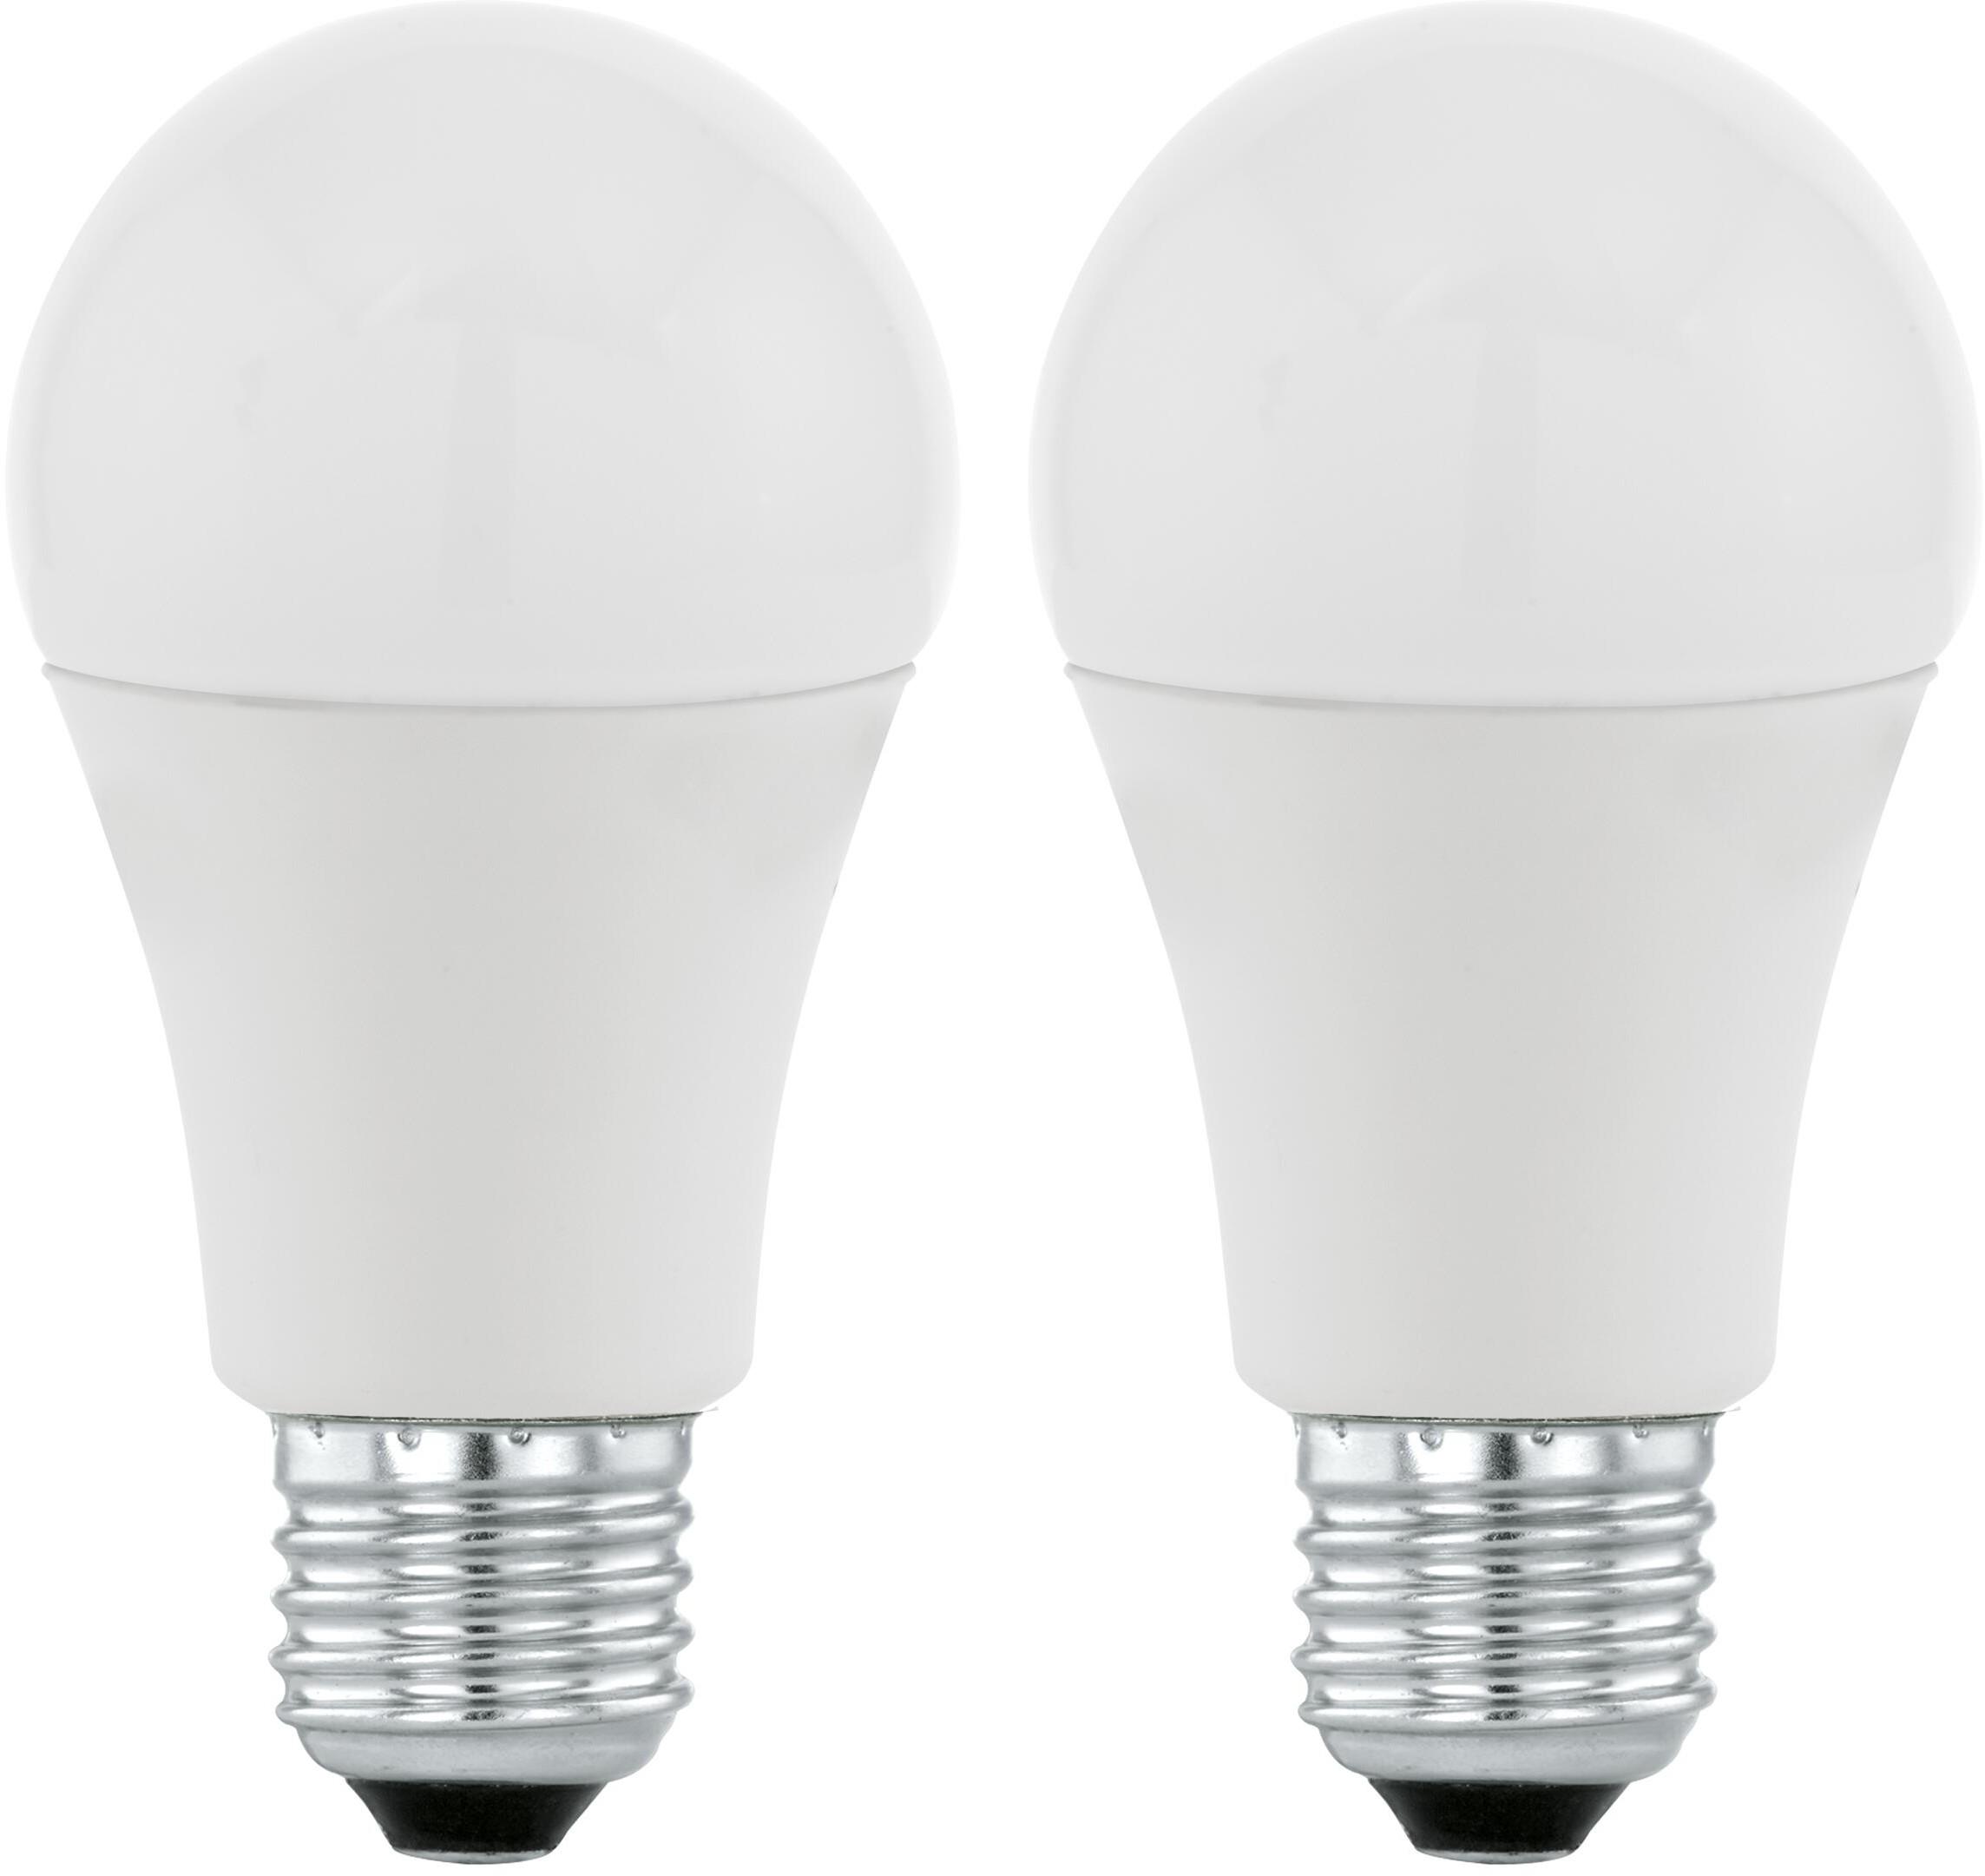 Eglo 2 x Żarówka LED 10W E27 806LM 3000K 11483 EGL11483